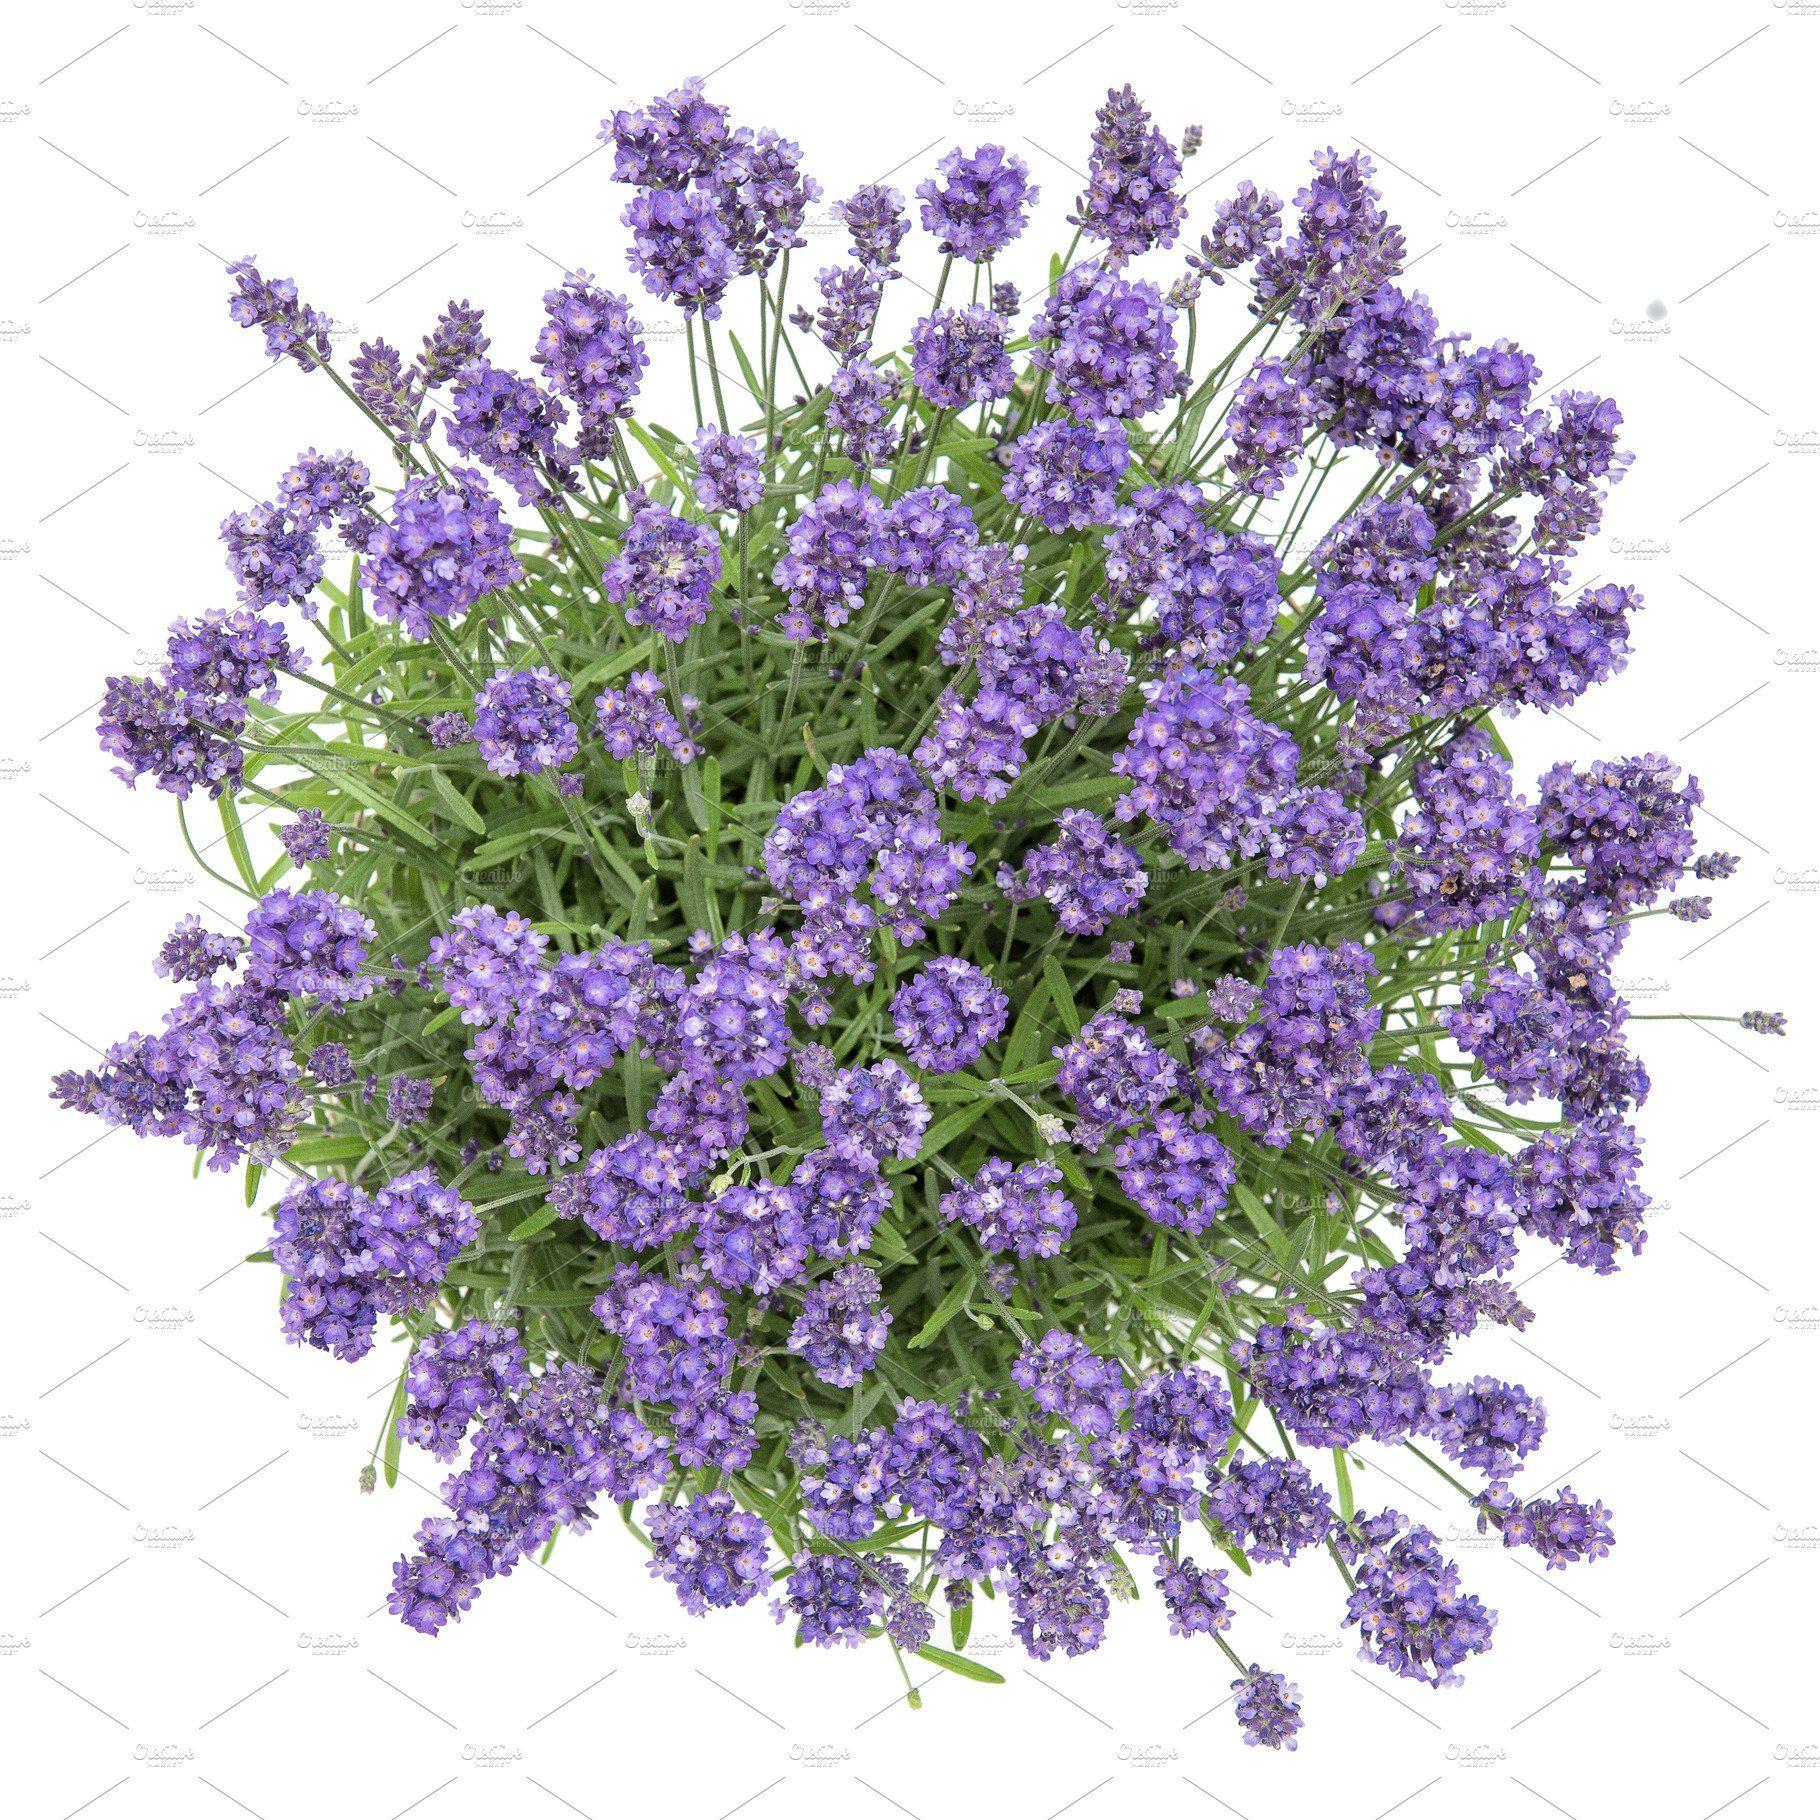 Lavender Flowers Bouquet White Back Lavender Plant Trees Top View Lavender Flowers